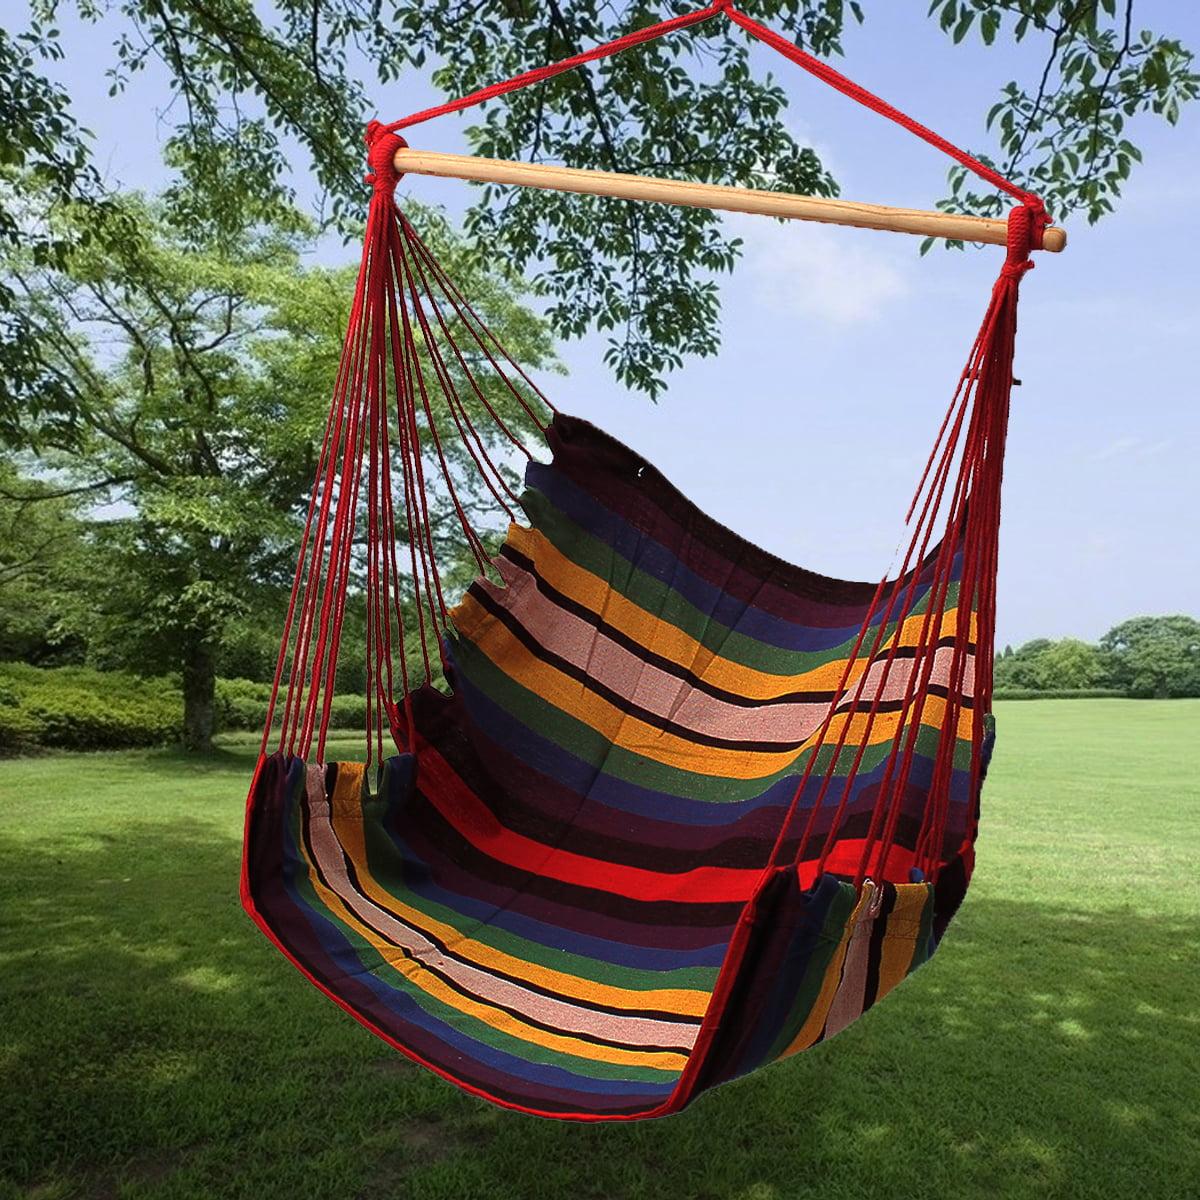 Hammock Chair Swing Seat Indoor Outdoor Garden Patio Yard Single Hanging Rope